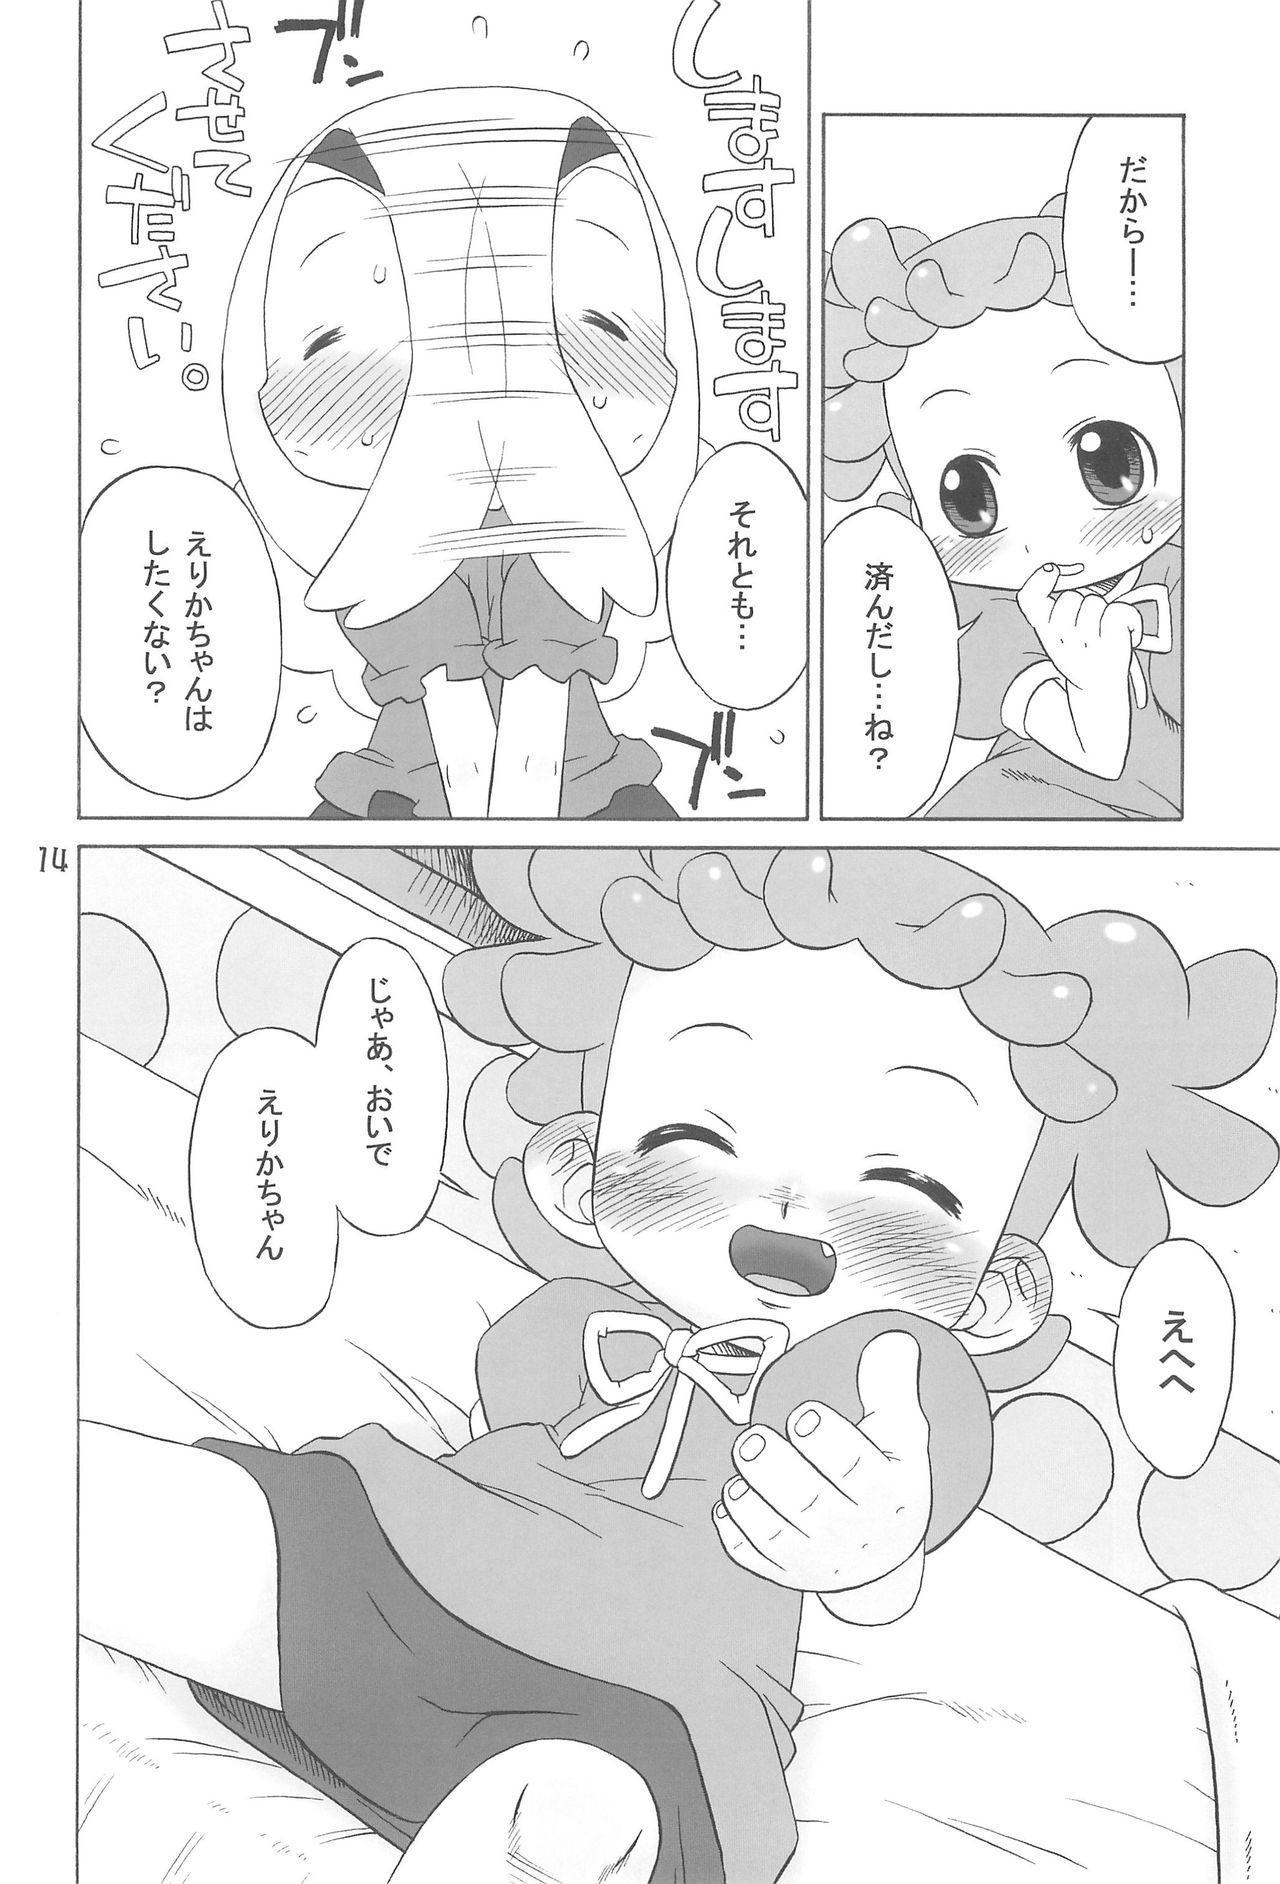 Tayorinai Bokura no Hateshinai Ashita. 13